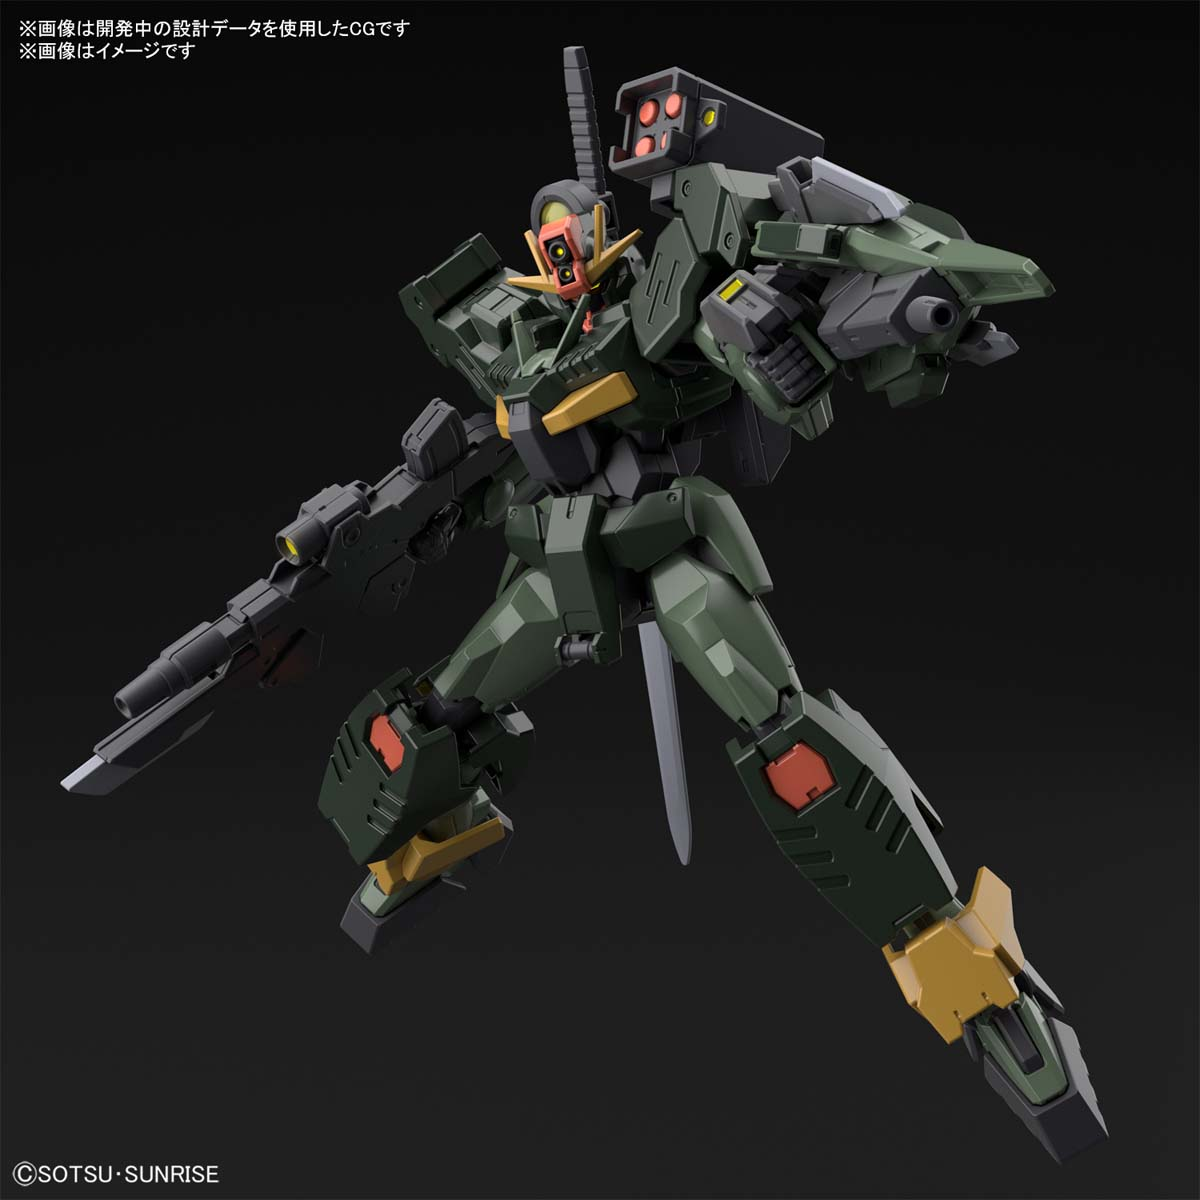 HG 1/144『ガンダムダブルオーコマンドクアンタ』ガンダムブレイカー バトローグ プラモデル-006